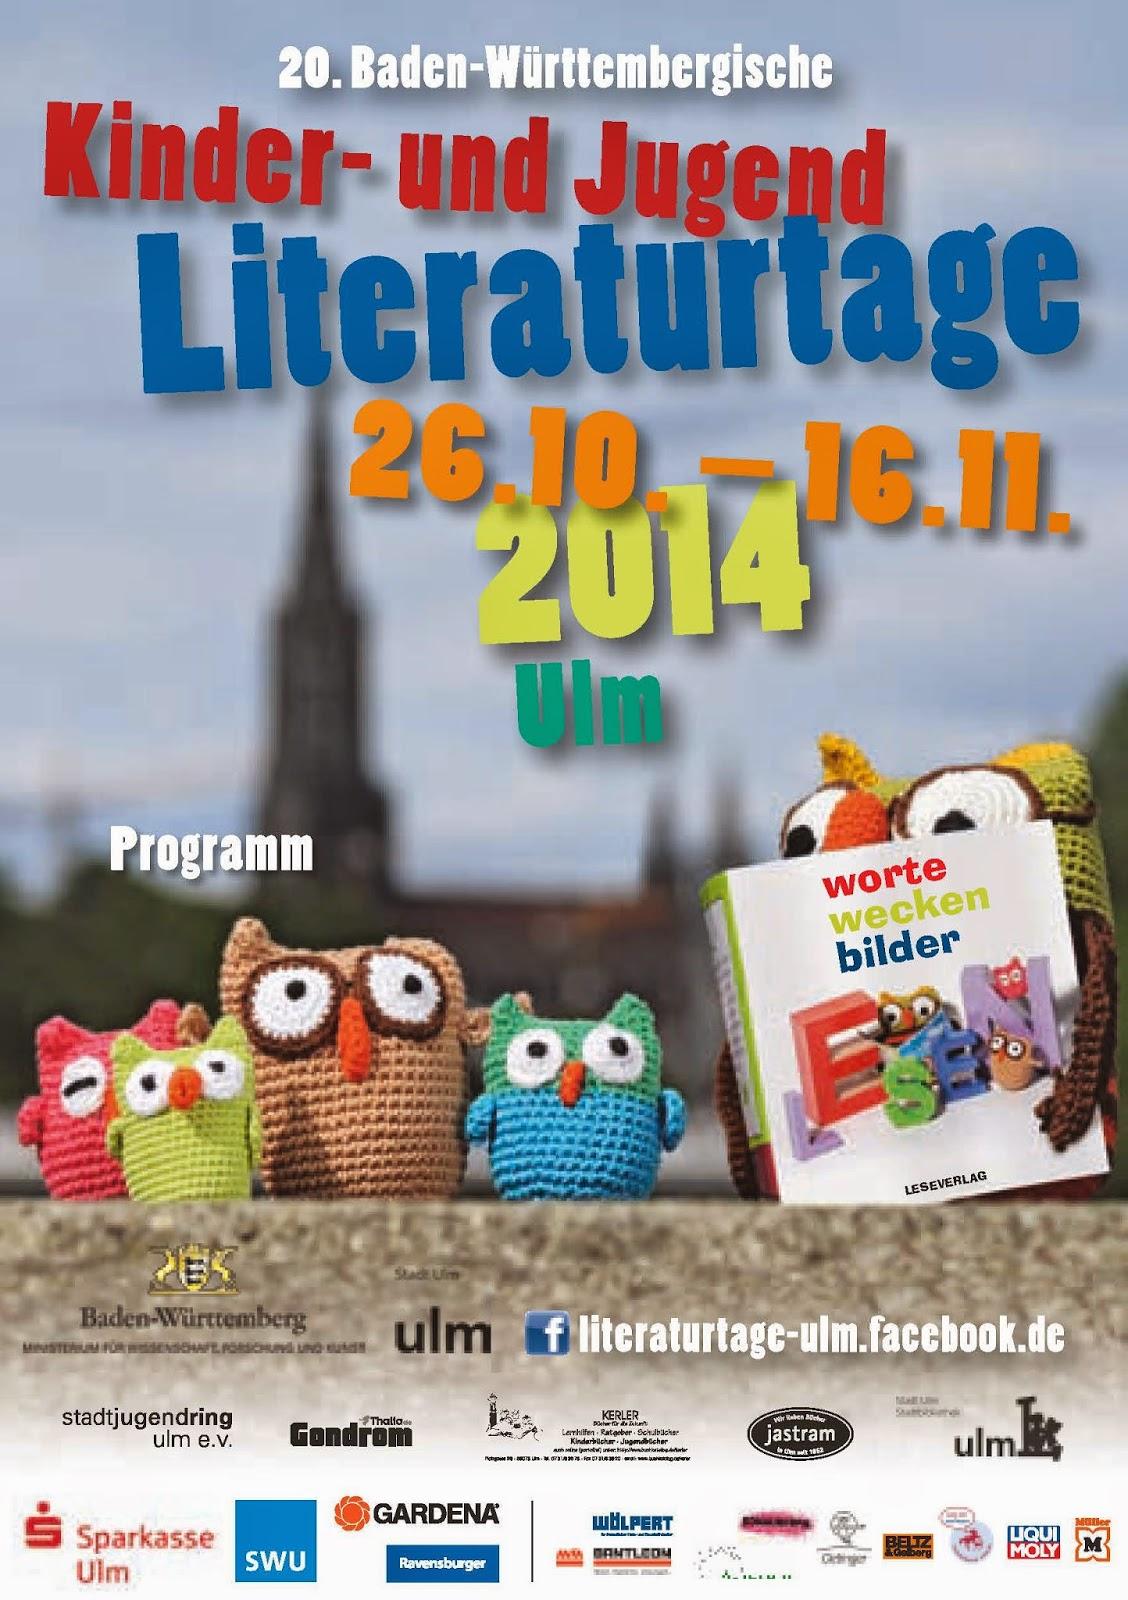 http://www.ulm.de/sixcms/media.php/29/20_Baden-Wuerttembergische_Kinder-_und_Jugendliteraturtage_Ulm.pdf